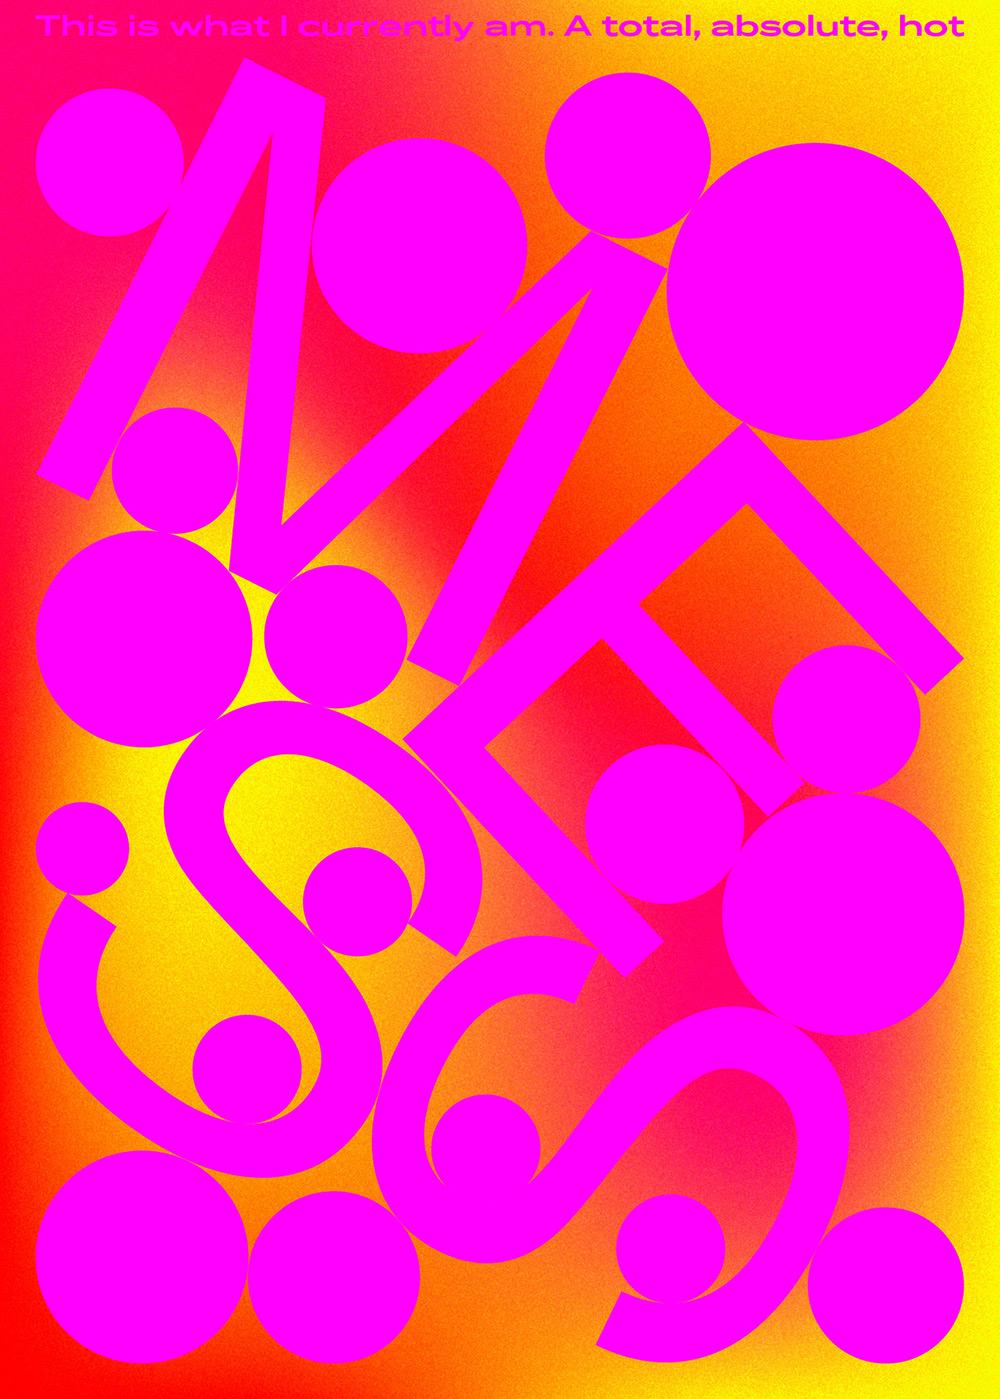 噪点质感!12张Panos Tsironis色彩海报设计